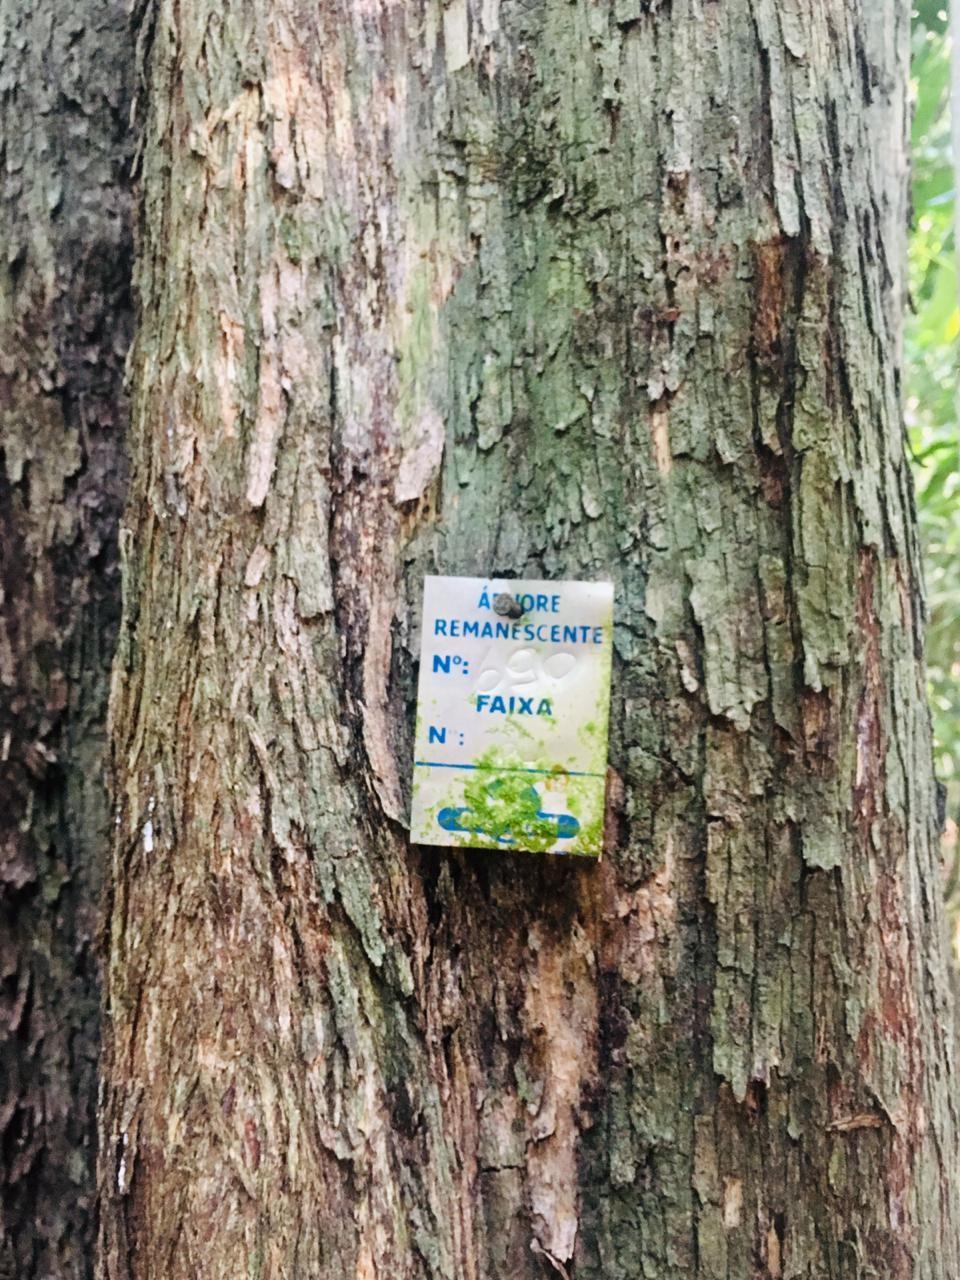 ONF Brasil planeja e executa manejo florestal sustentável de forma responsável (Foto: Acervo da ONF Brasil)